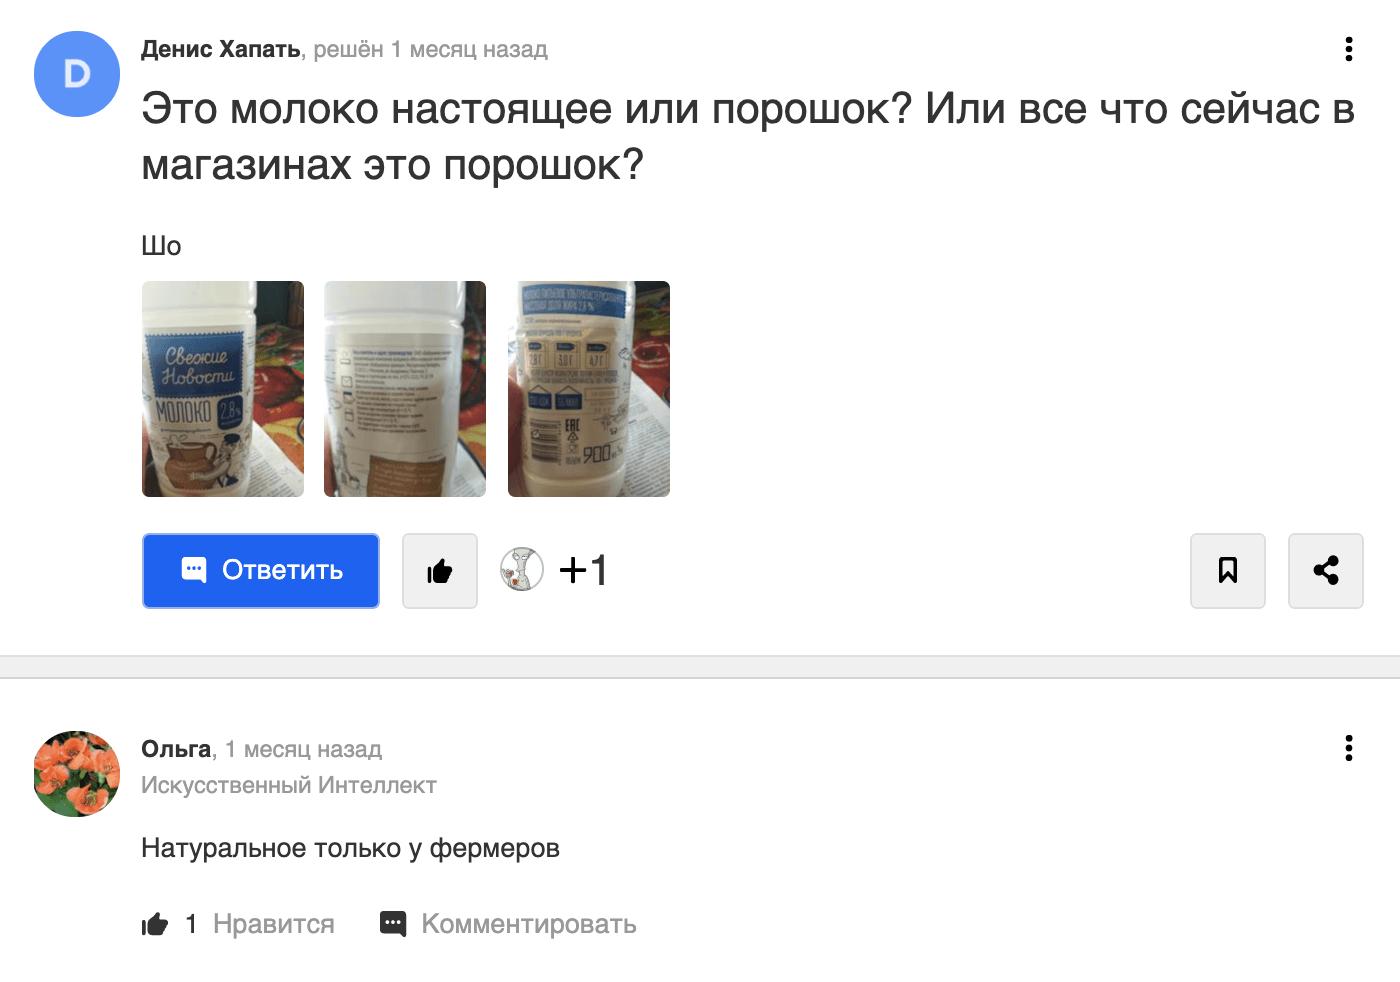 На форумах встречается огромное количество вот таких обсуждений о молоке